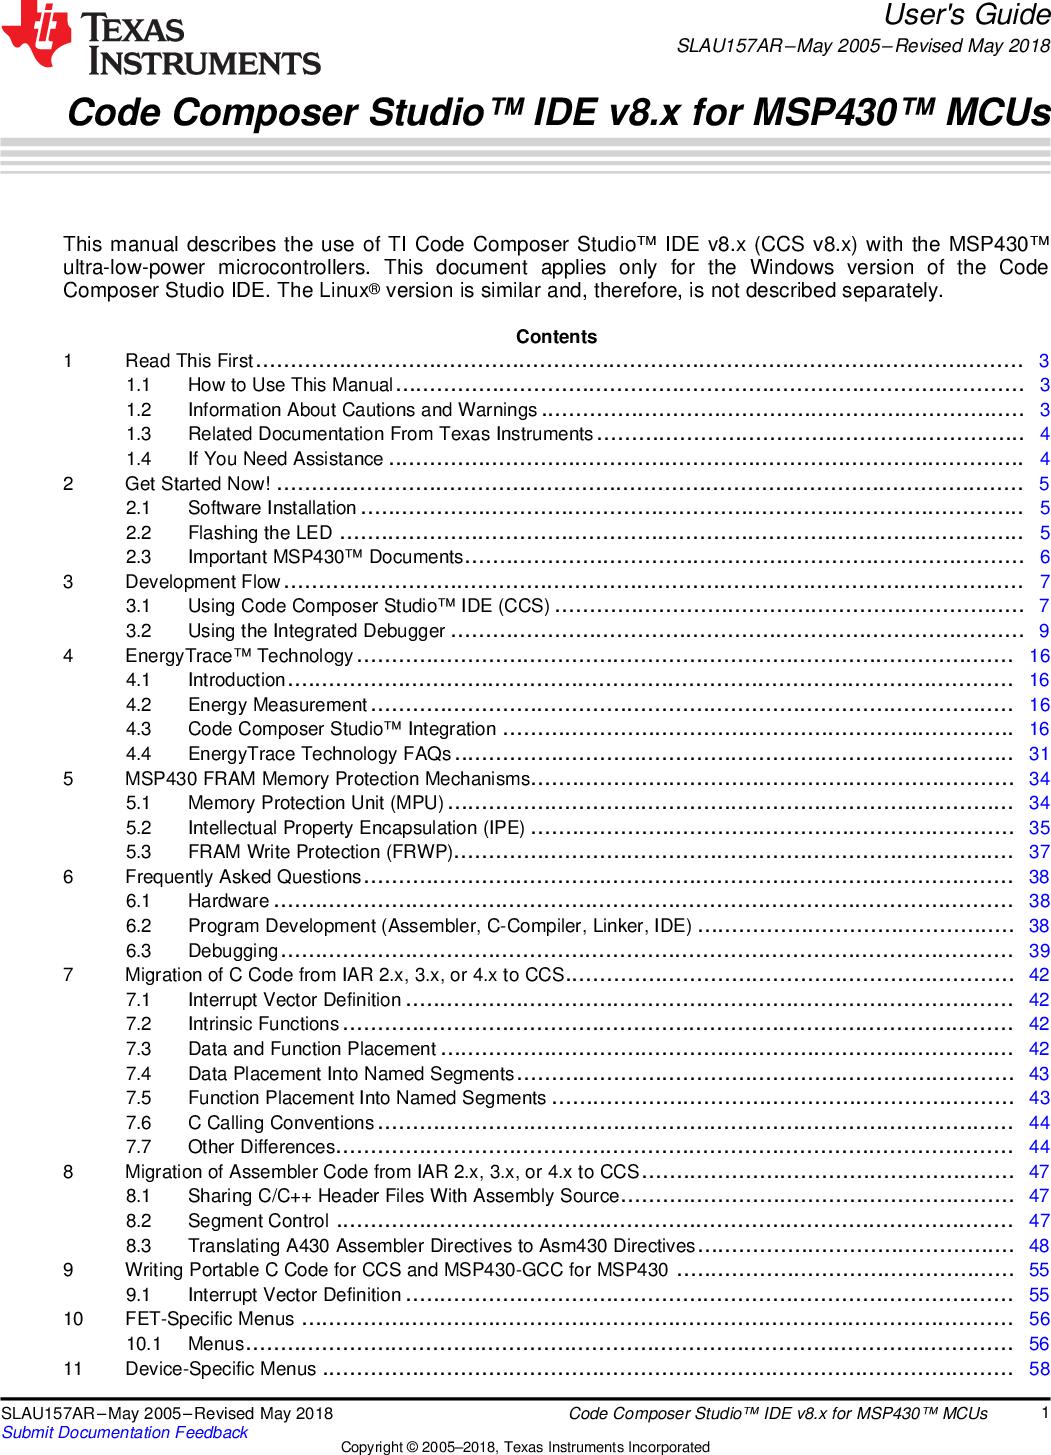 Code Composer Studio IDE V8 x For MSP430 MCUs (Rev  AR) CCSv8 User's